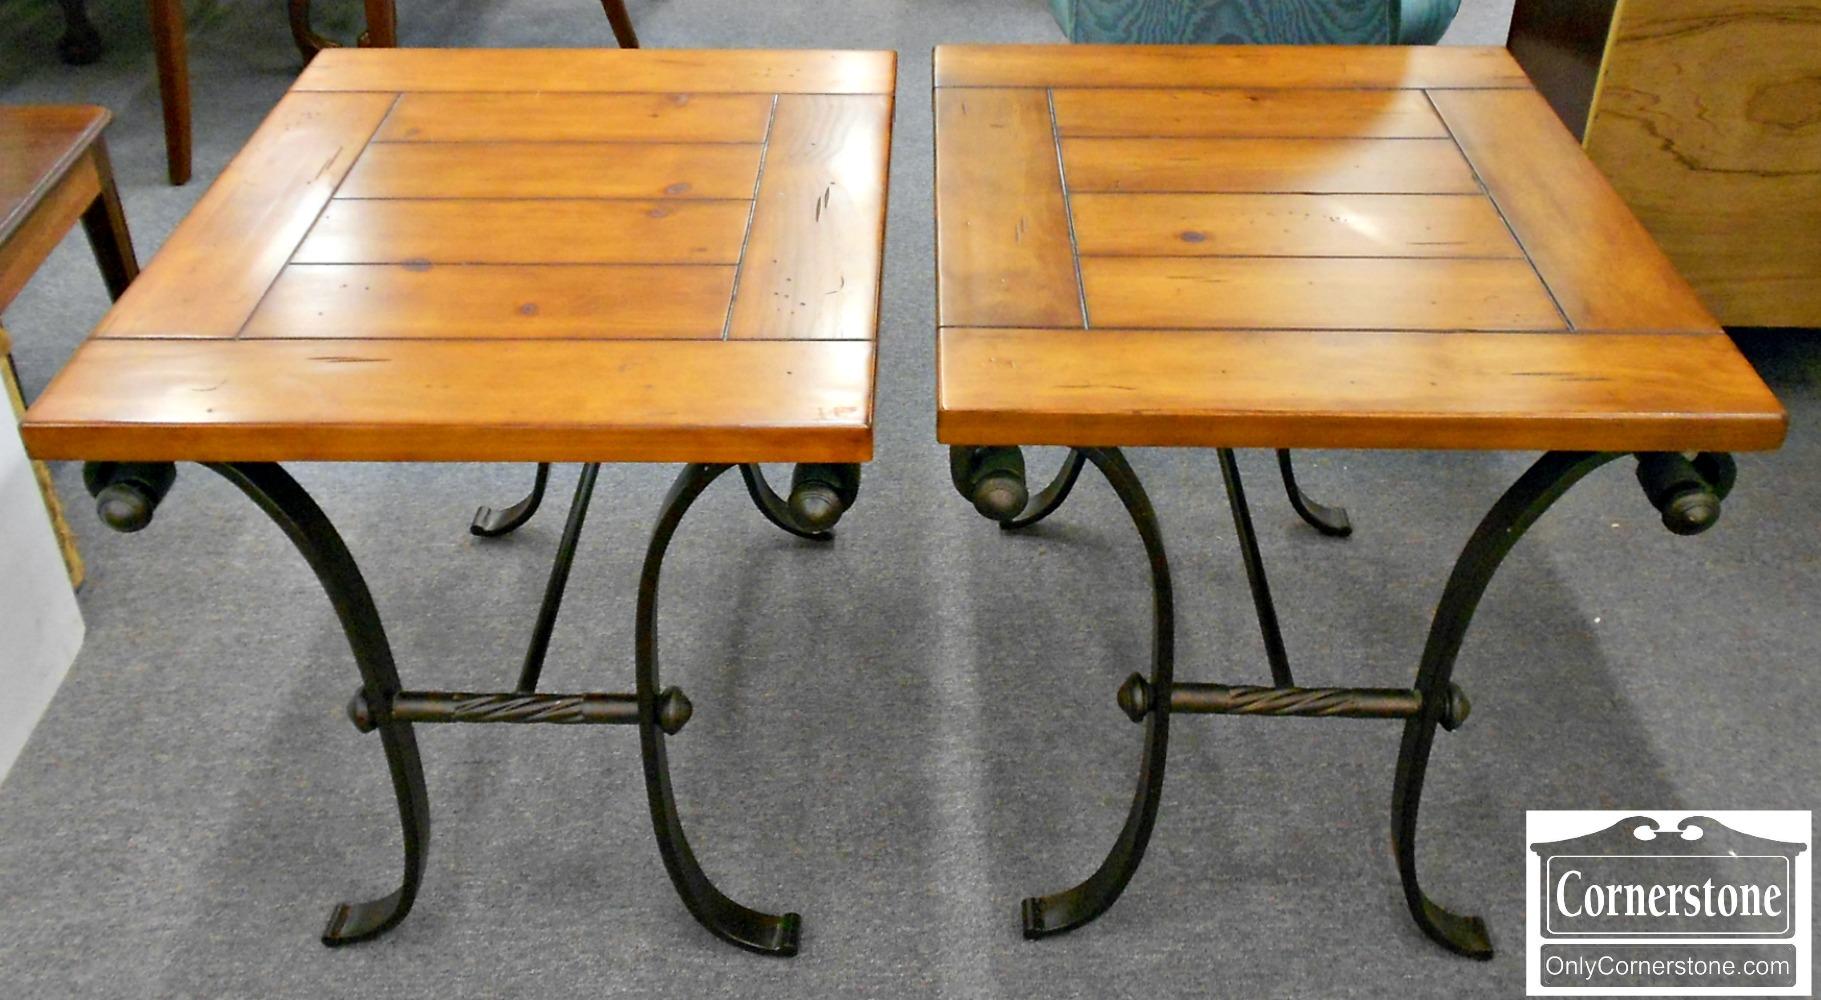 5208-958 Pair of Pine & Metal End Tables